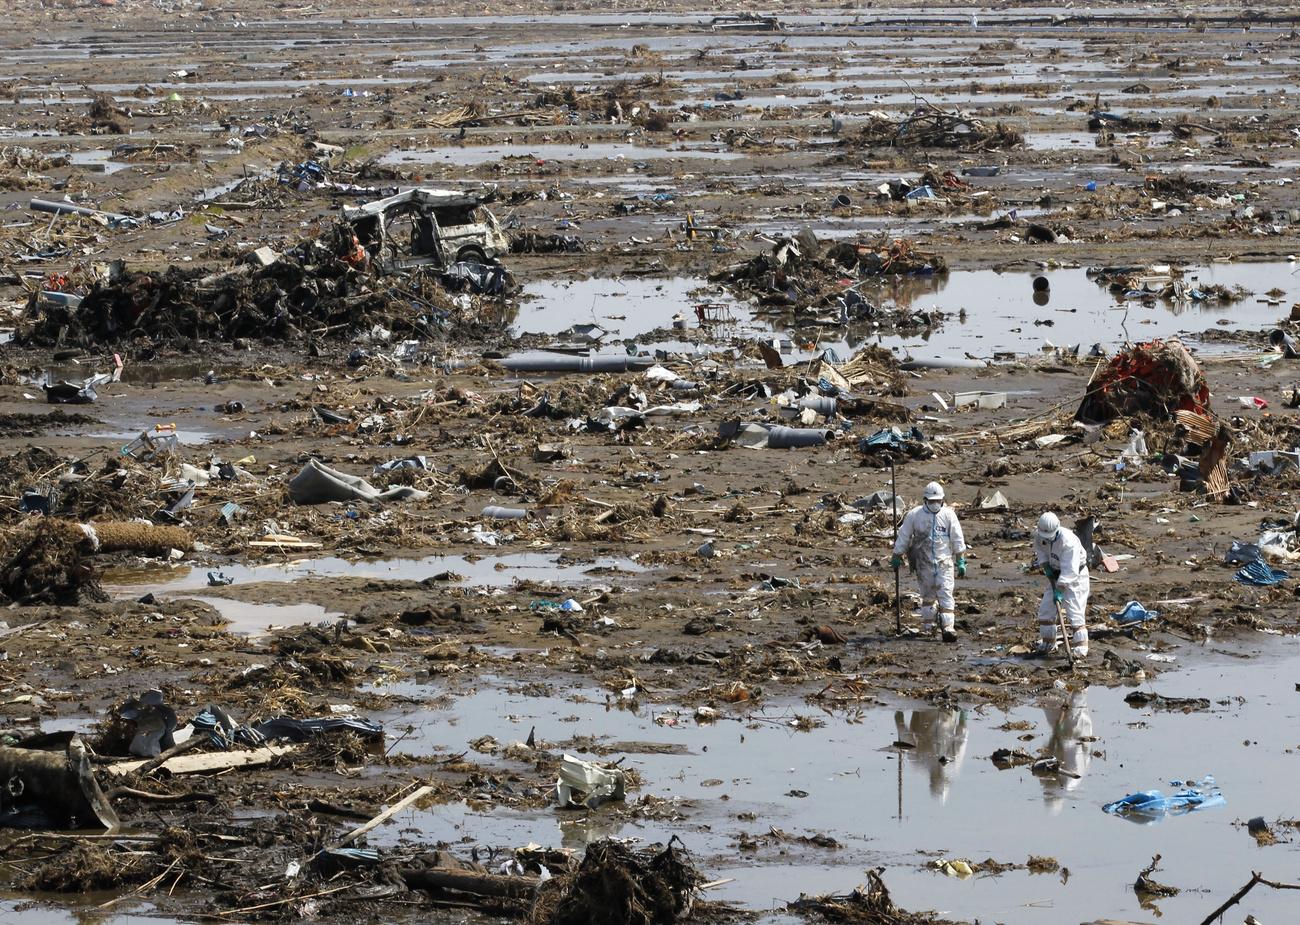 A legfrissebb adatok szerint 13 ezer 116 ember halt meg és 14 ezer 377 tűnt el a március 11-i földrengésben és szökőárban.